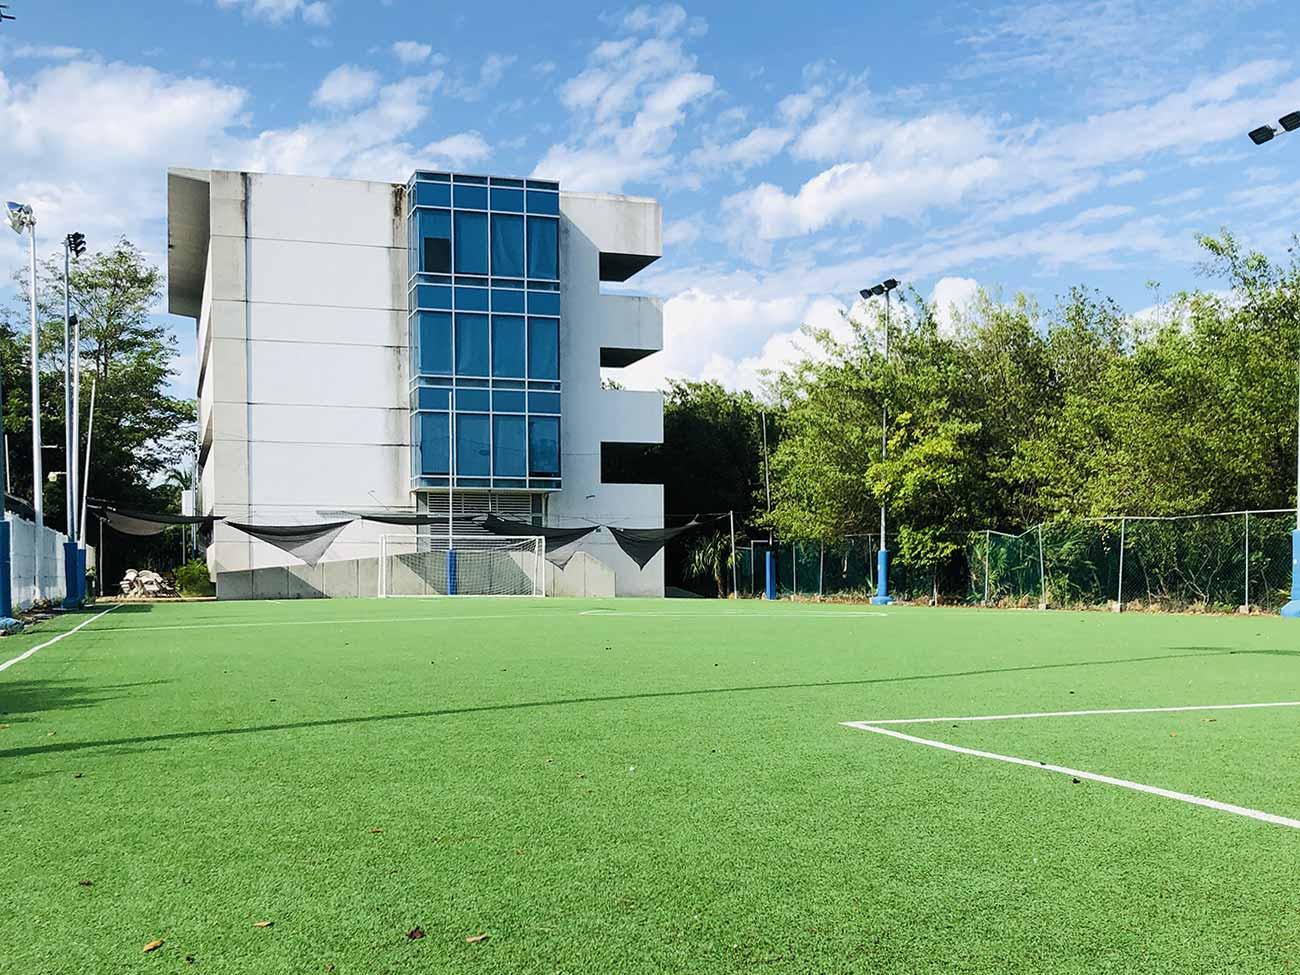 Cancha de Fútbol y Edifico de Primaria